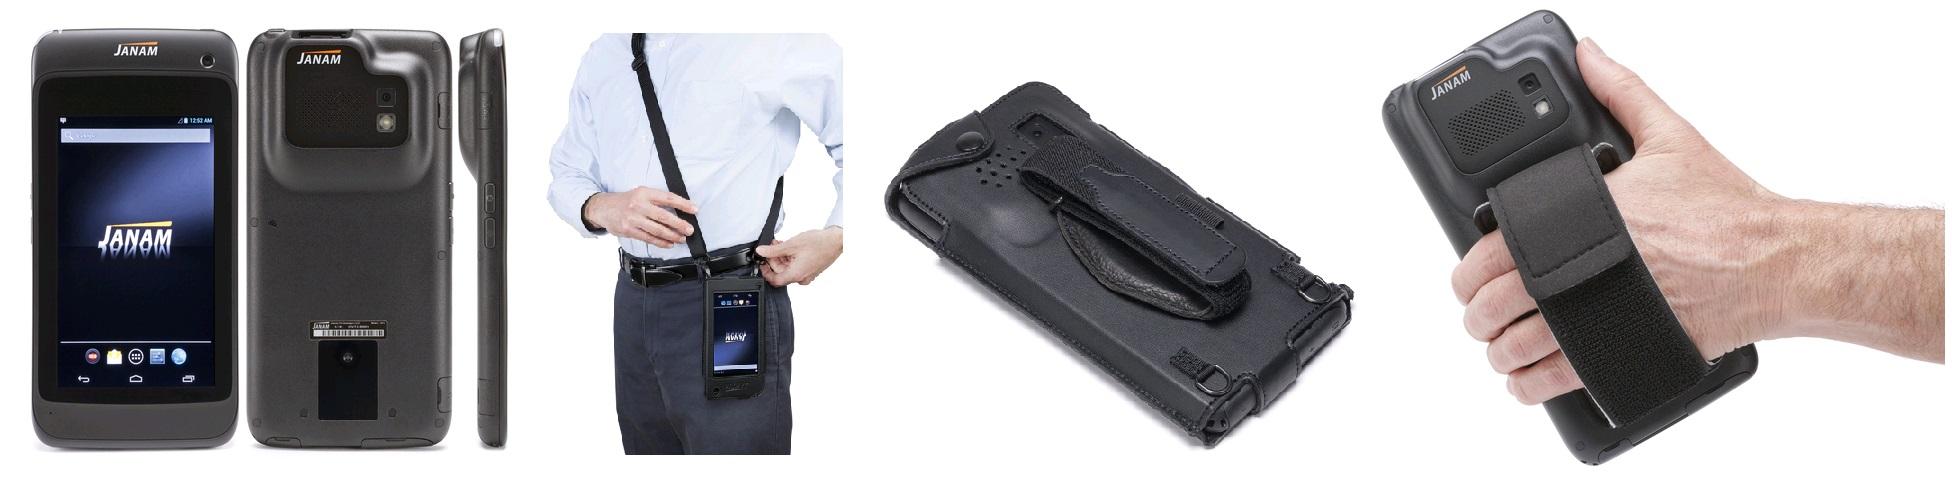 Легкий, защищенный, ударопрочный планшет JANAM XT-1 с дисплеем 5,9 дюймов